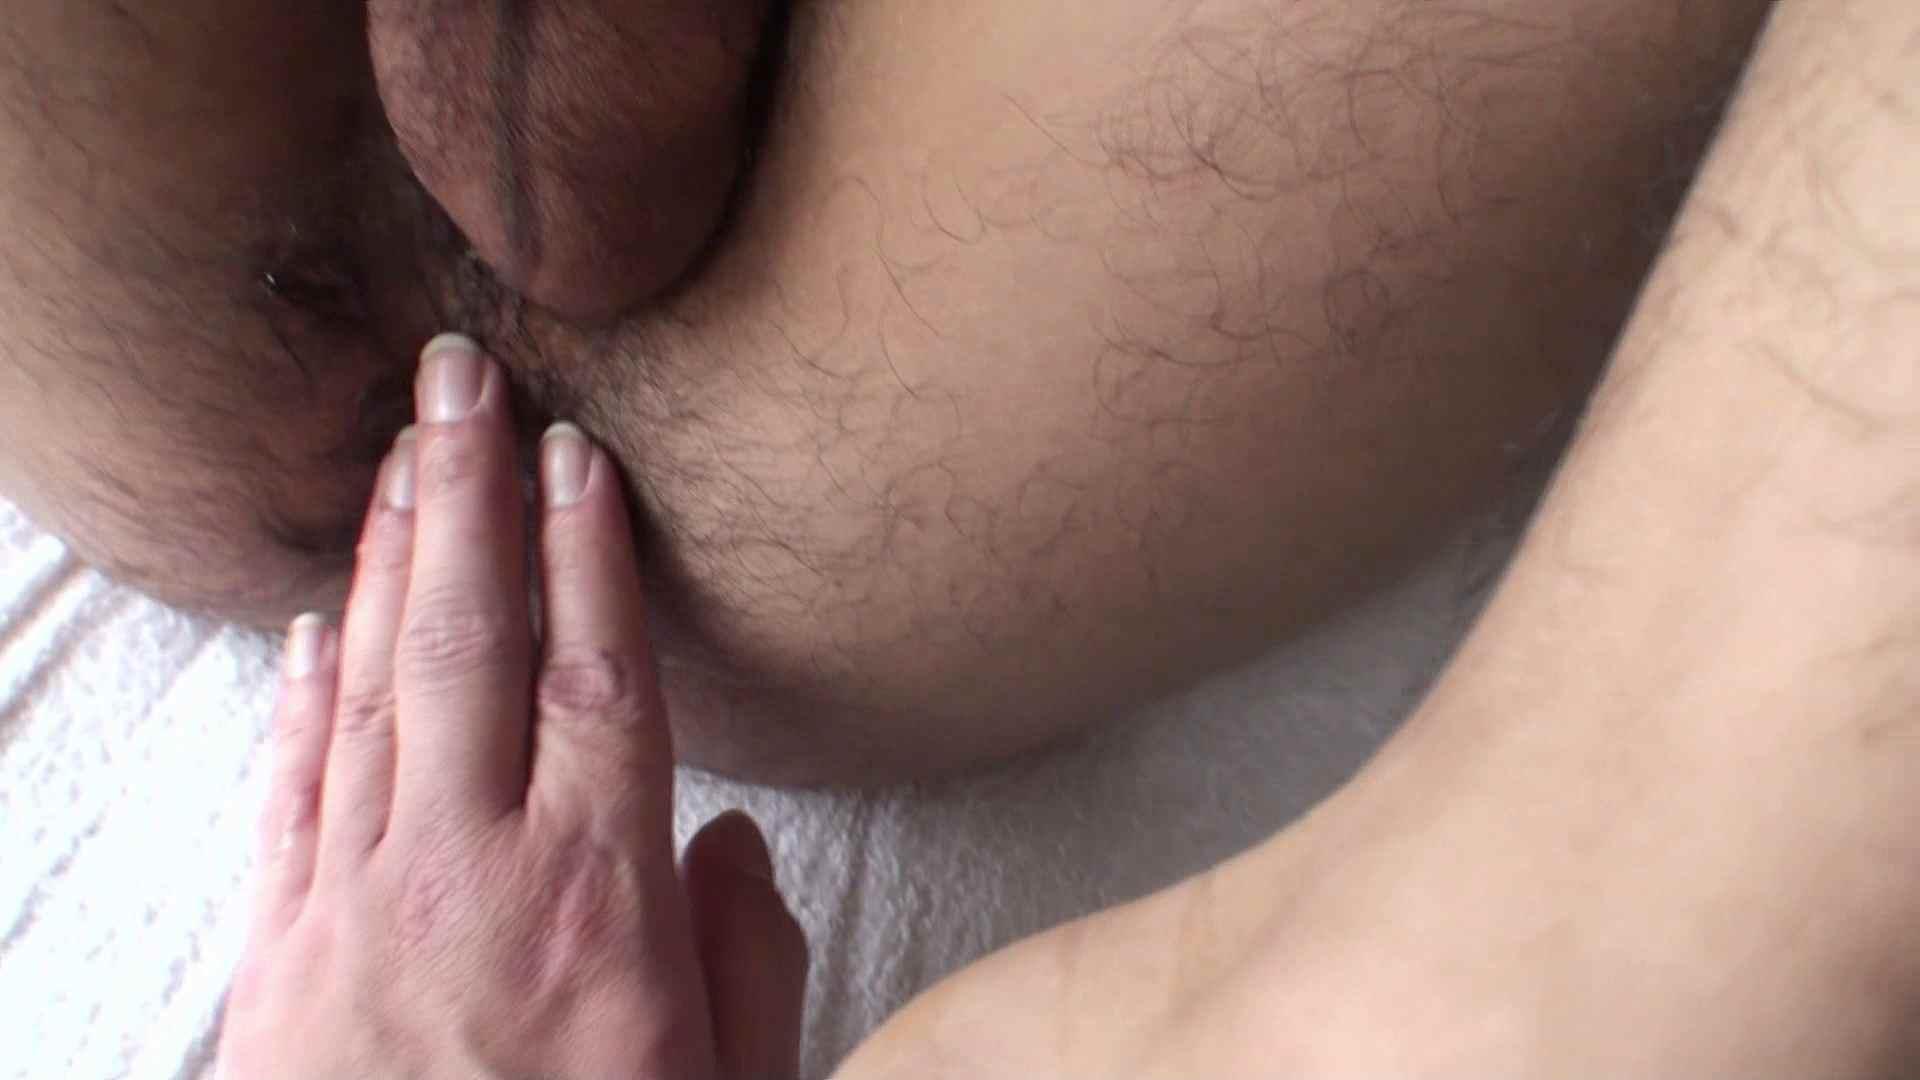 HD 良太と健二当たり前の日常 セックス編 巨根系な男たち ゲイエロ画像 52連発 16